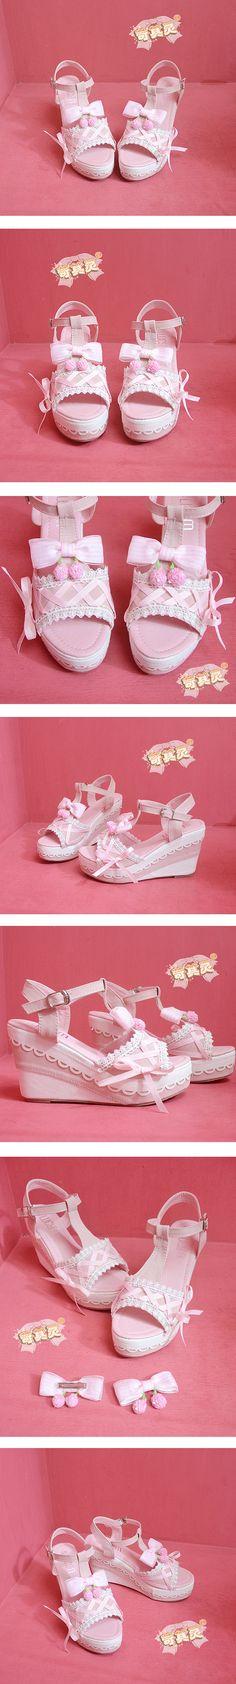 萌系日系90後軟妹可拆卸蝴蝶結甜美草莓花邊系帶露趾坡跟鞋-淘寶網